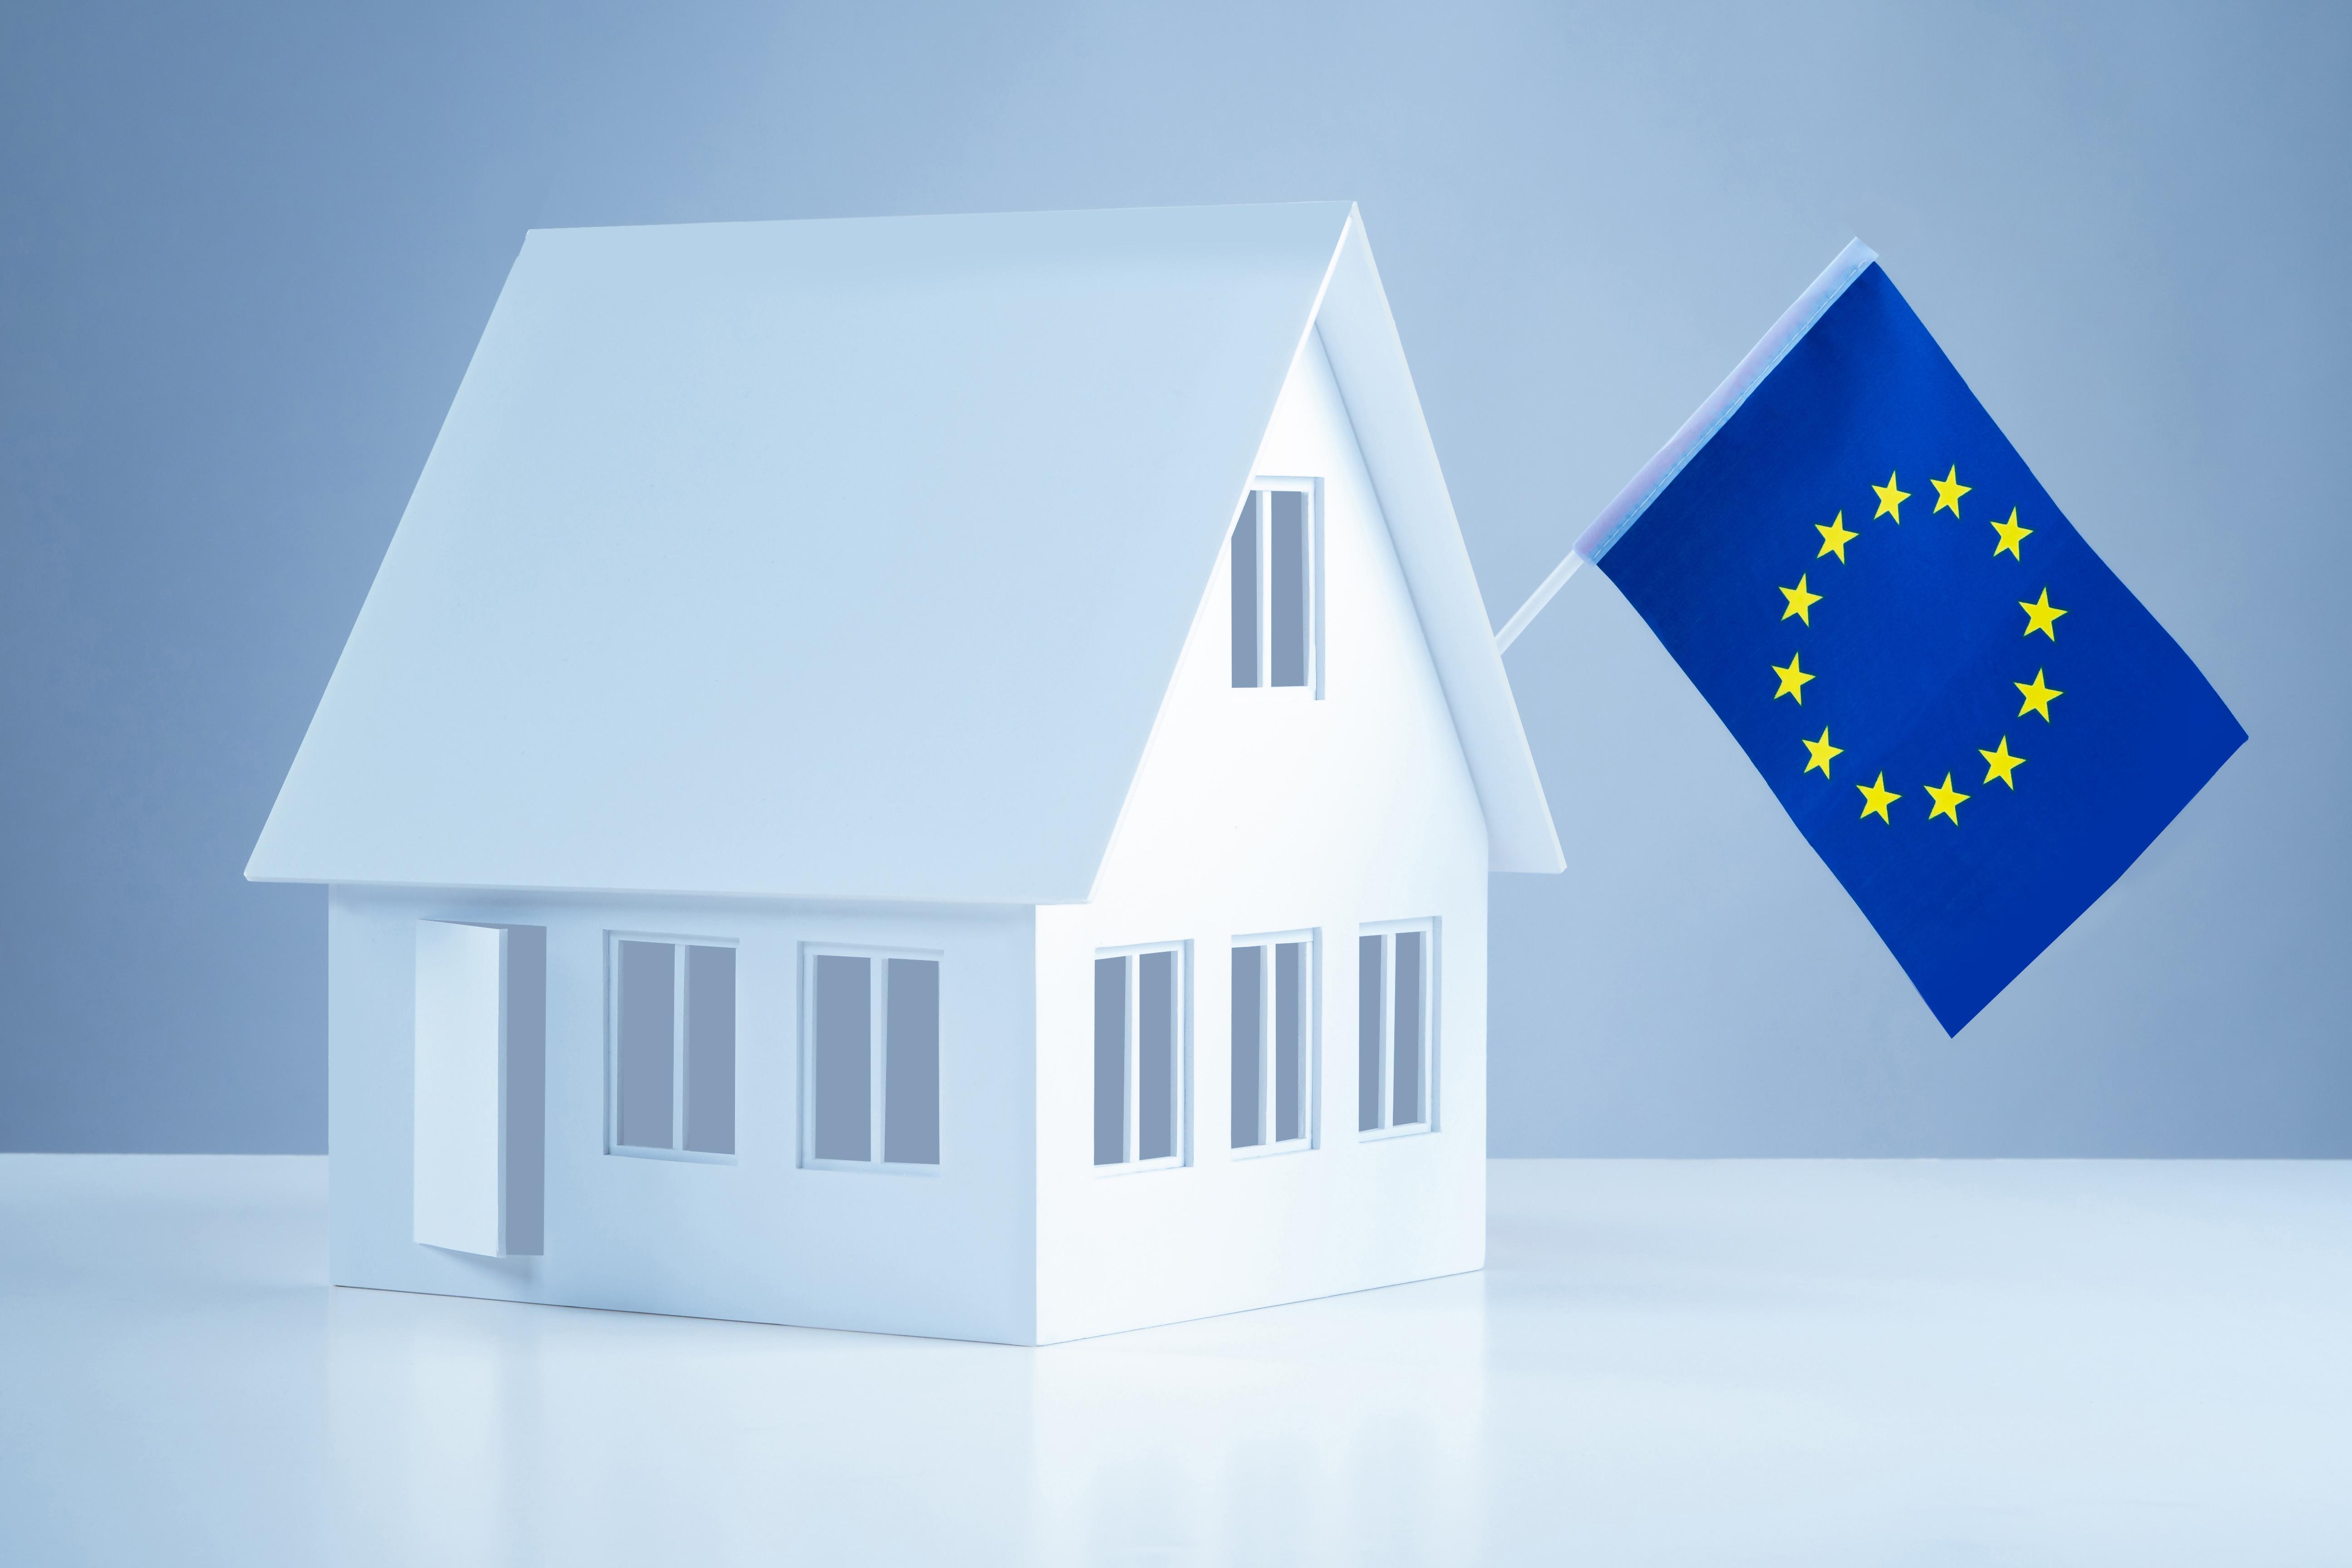 Дом и флаг ЕС, куда можно иммигрировать, купив недвижимость